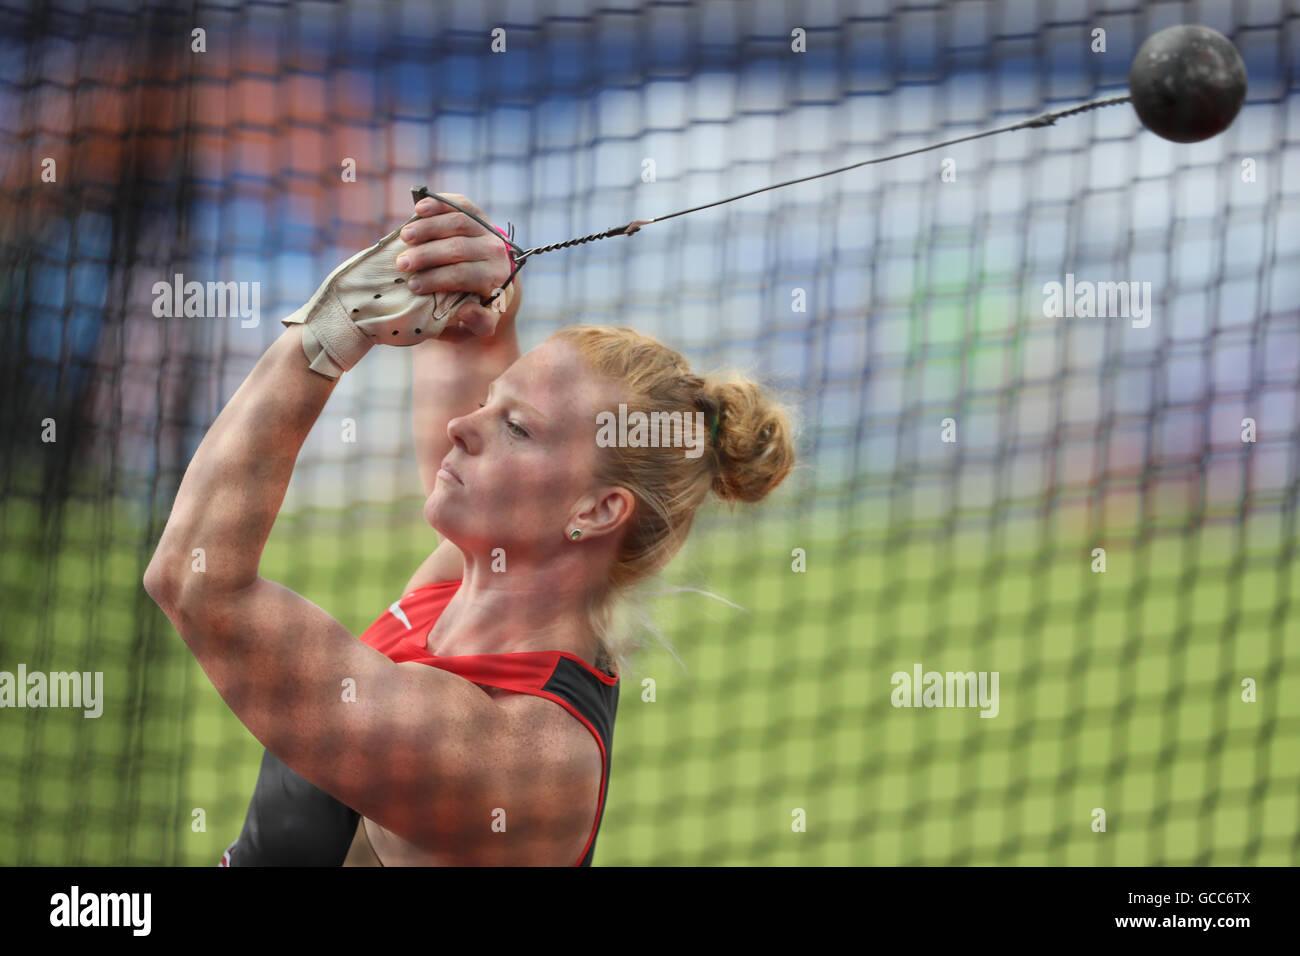 Amsterdam, Niederlande. 8. Juli 2016. Betty Heidler Deutschland konkurriert, während der Frauen Hammer werfen Stockbild